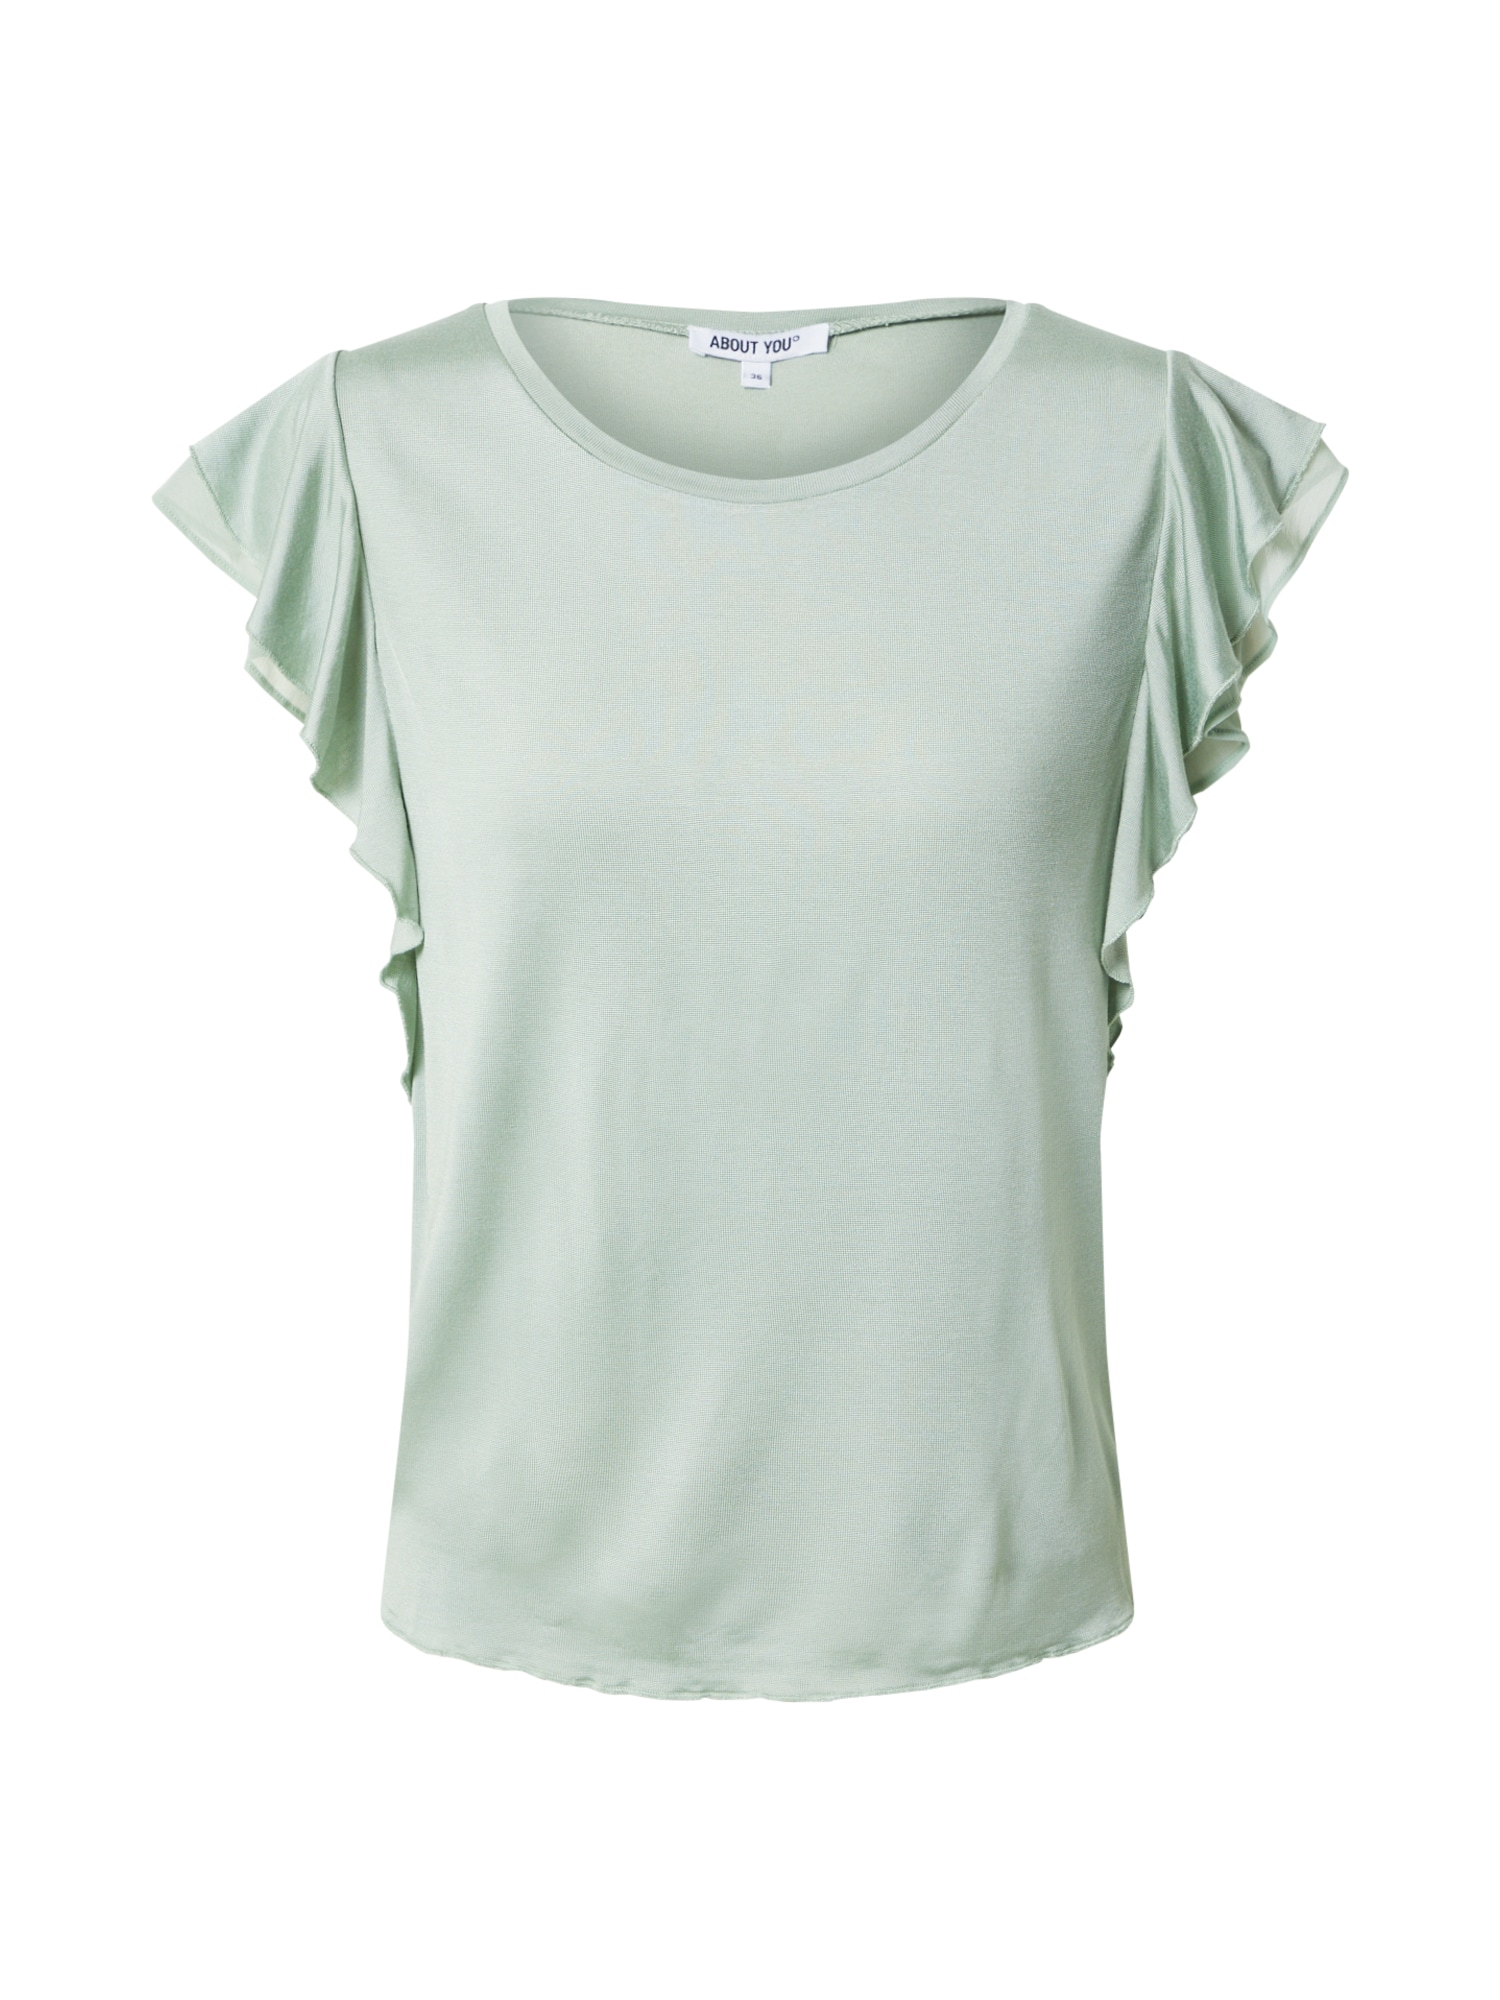 ABOUT YOU Marškinėliai 'Evelyn' mėtų spalva